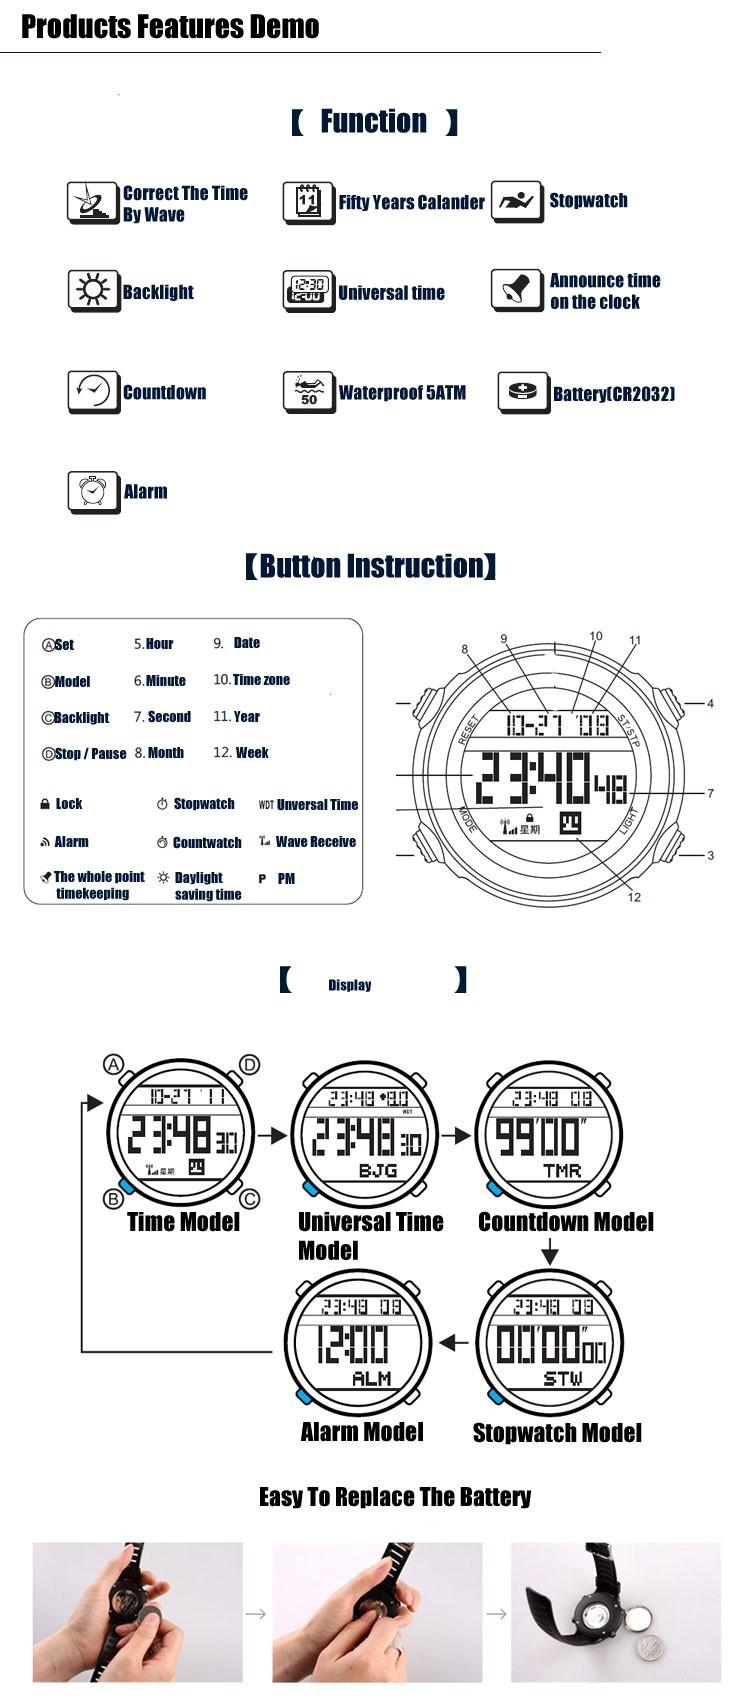 Ezon часы L002A01 мужская открытый досуг спорт smart digital wave cepter часы авто правильное время синхронизации с местным временем